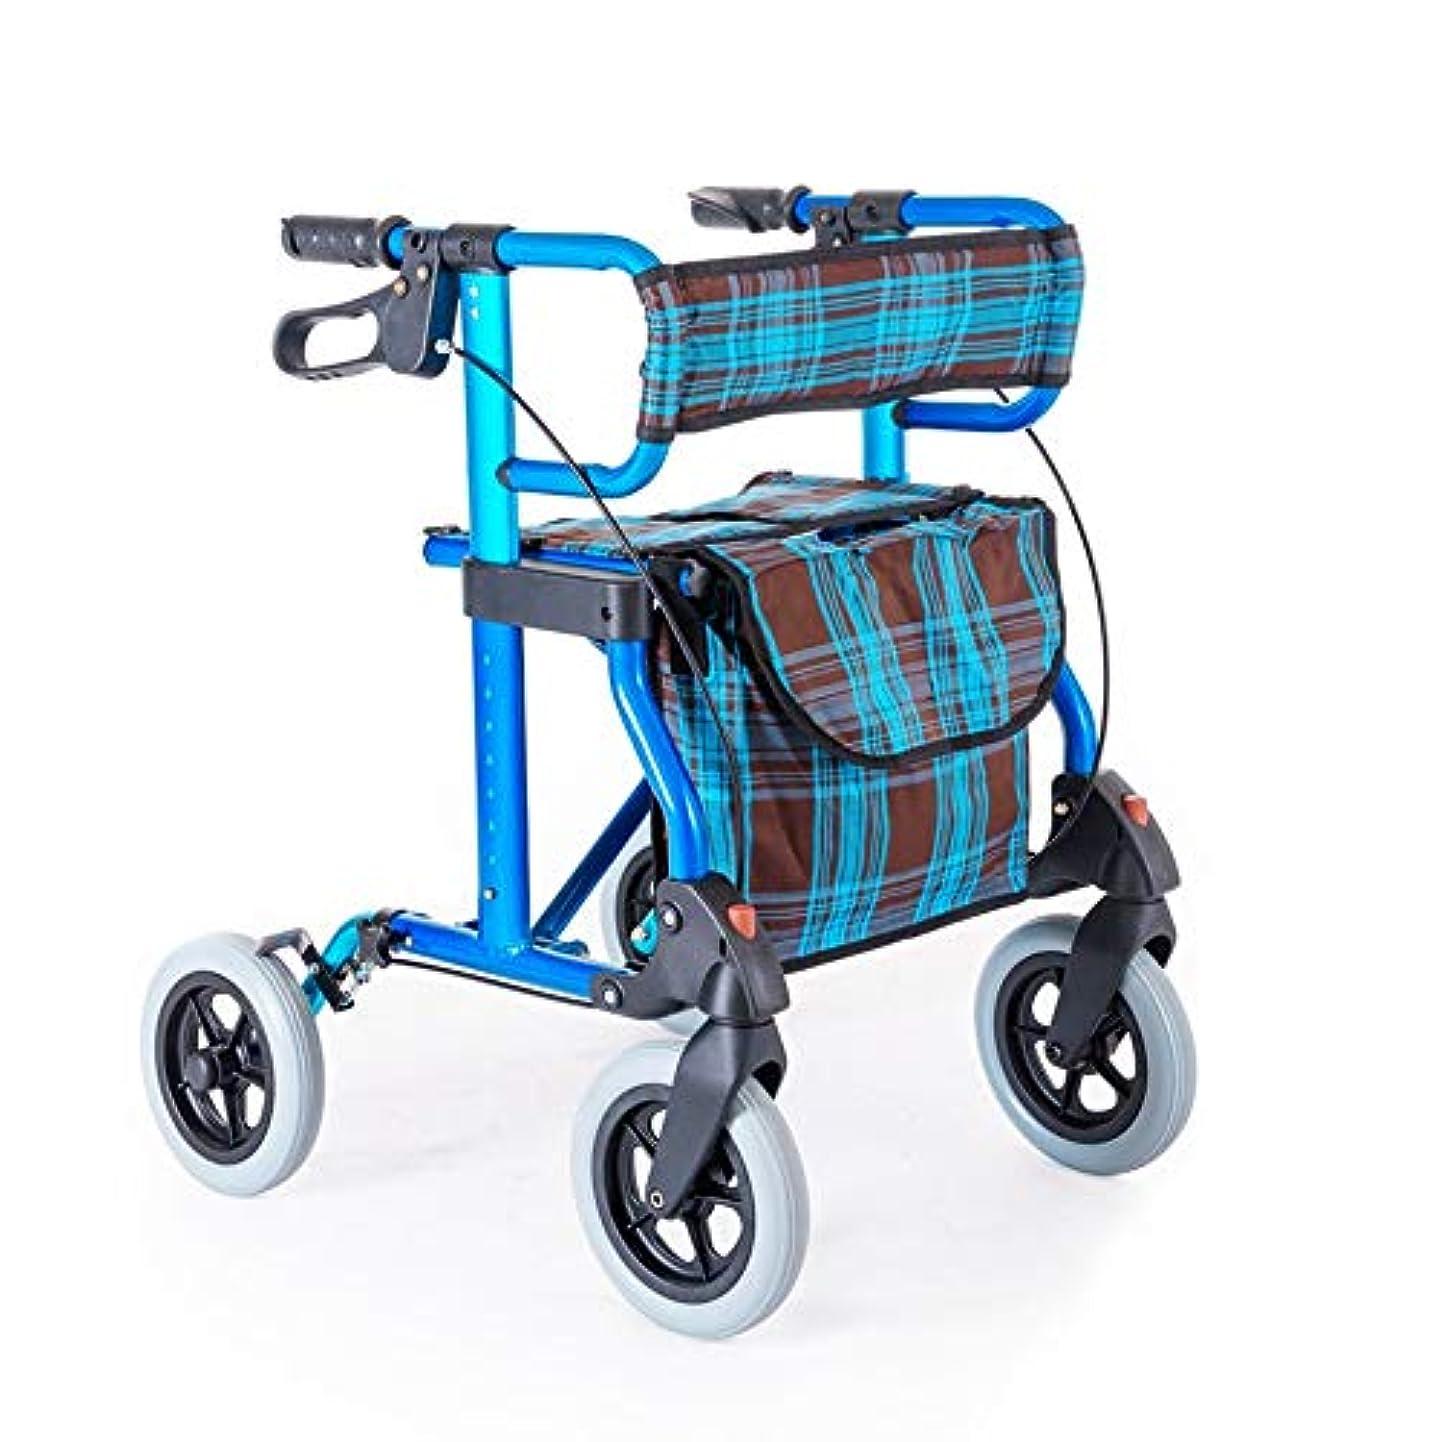 物思いにふけるボード普遍的なシートダブルセーフティブレーキ調整可能な高さ4ホイールローリング老人ショッピングカート付き軽量折りたたみ歩行器